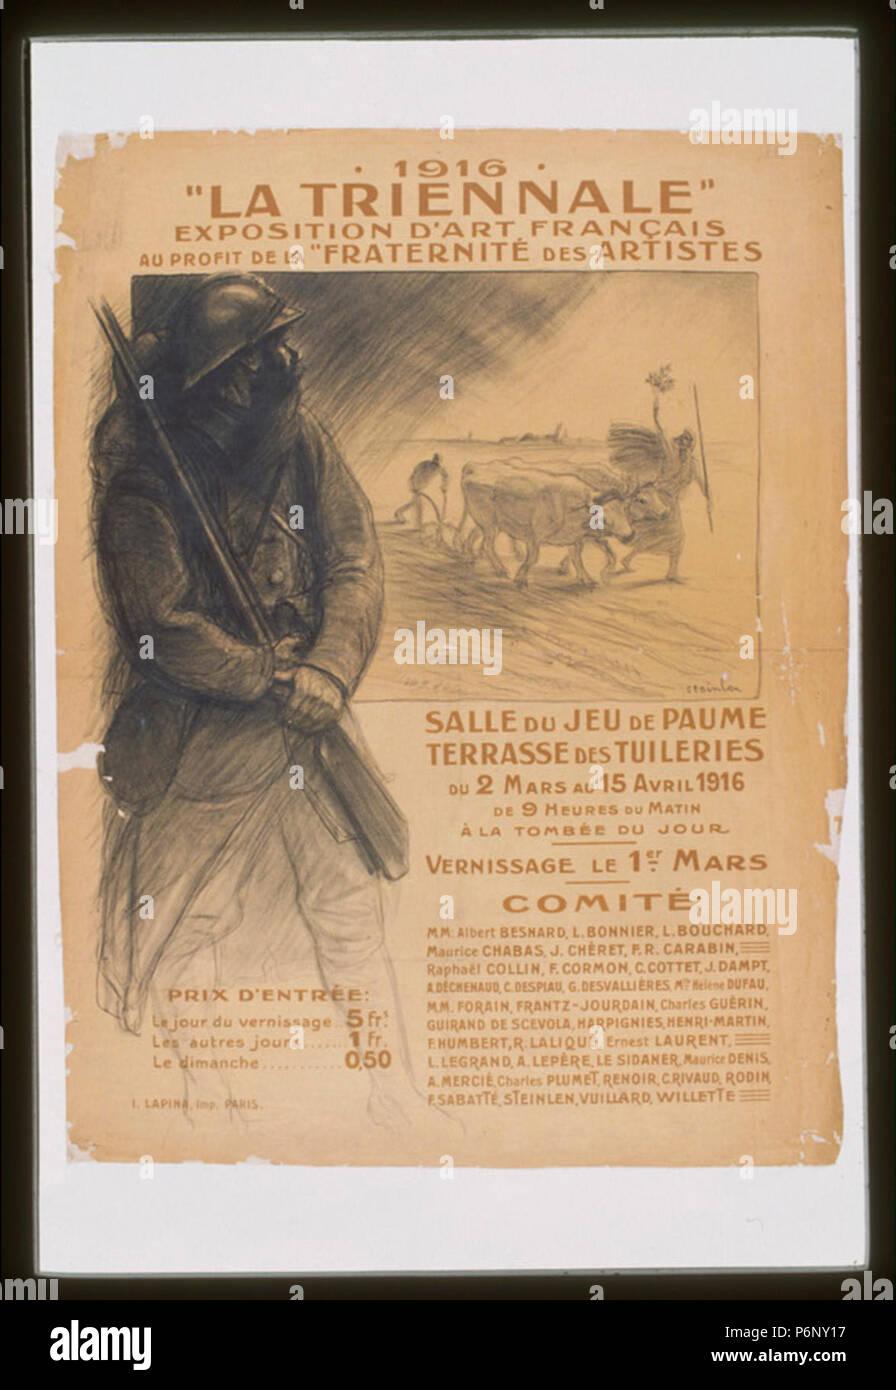 1916. 'La Triennale.' Exposition d'art français au profit de la 'Fraternité des Artistes' - Stock Image